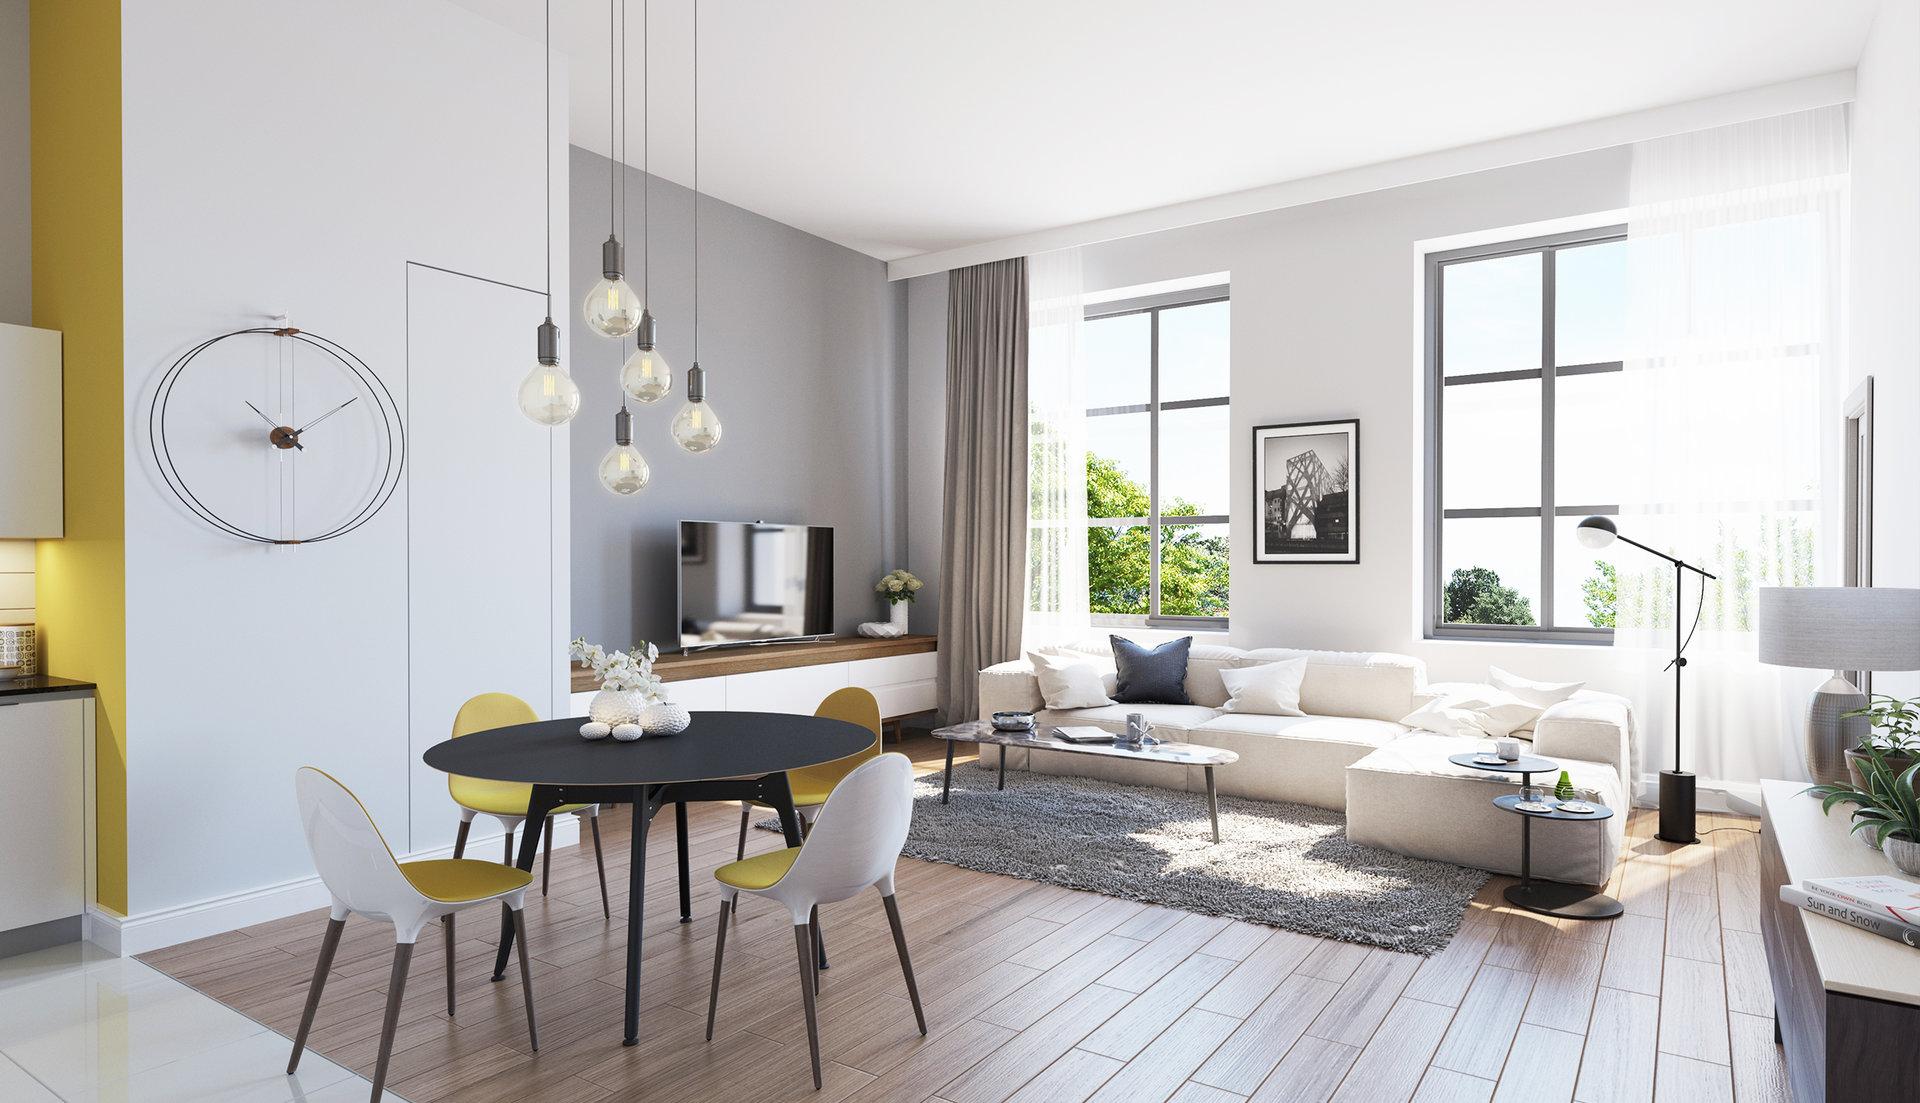 Vente Duplex - Armentières